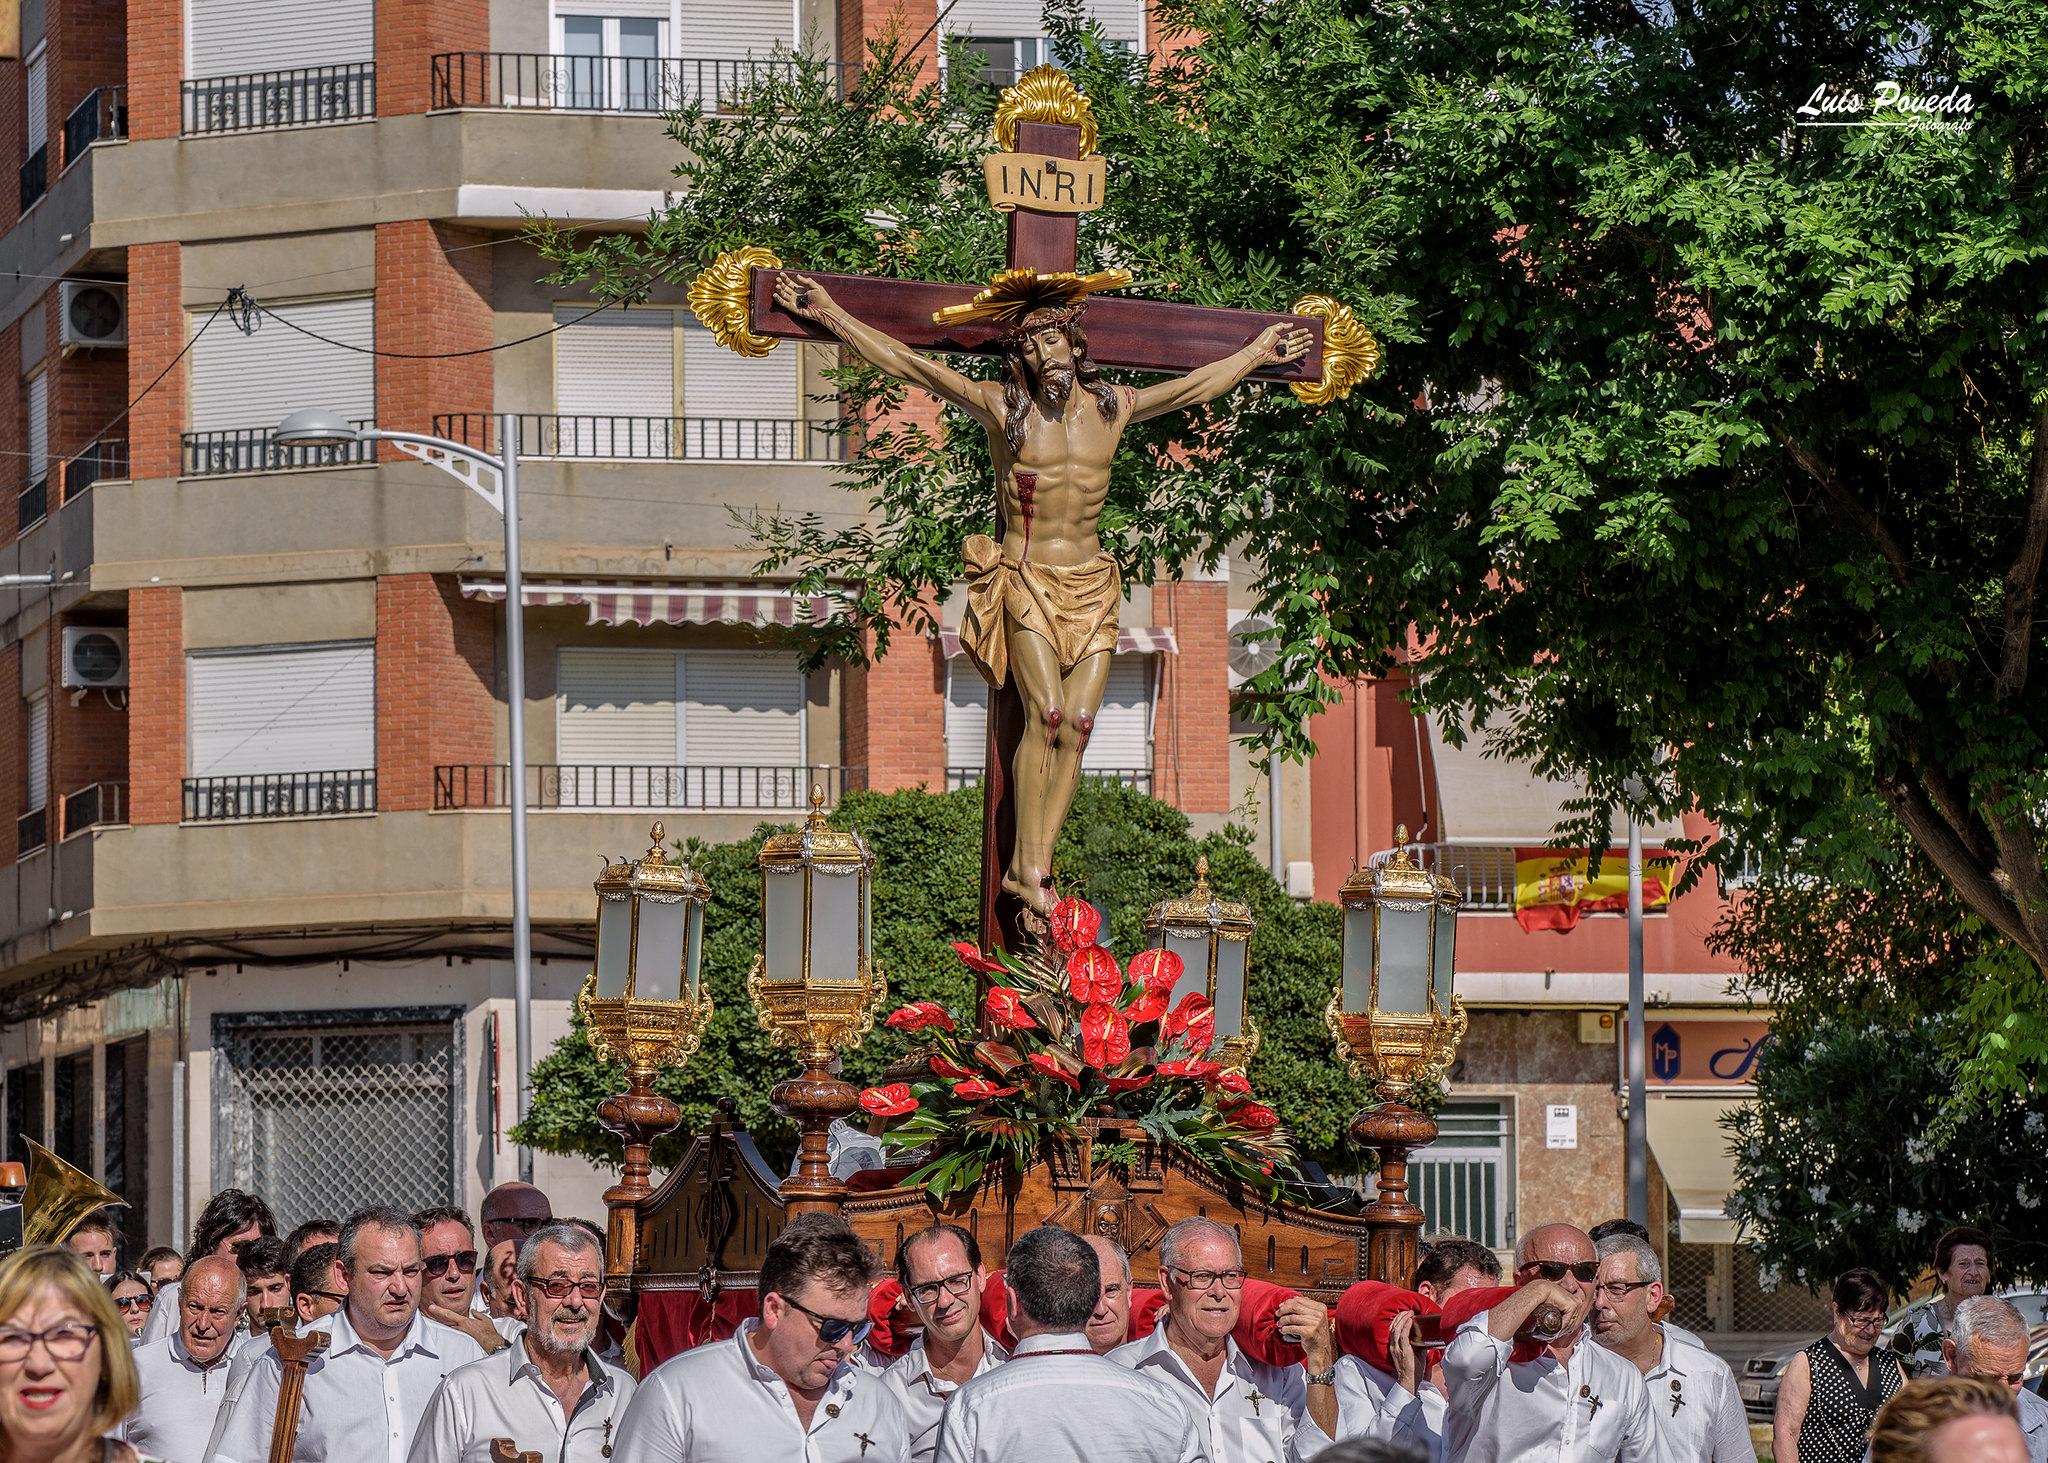 (2018-06-16) - 75 Aniversario - Encuentro - Luis Poveda Galiano (04)